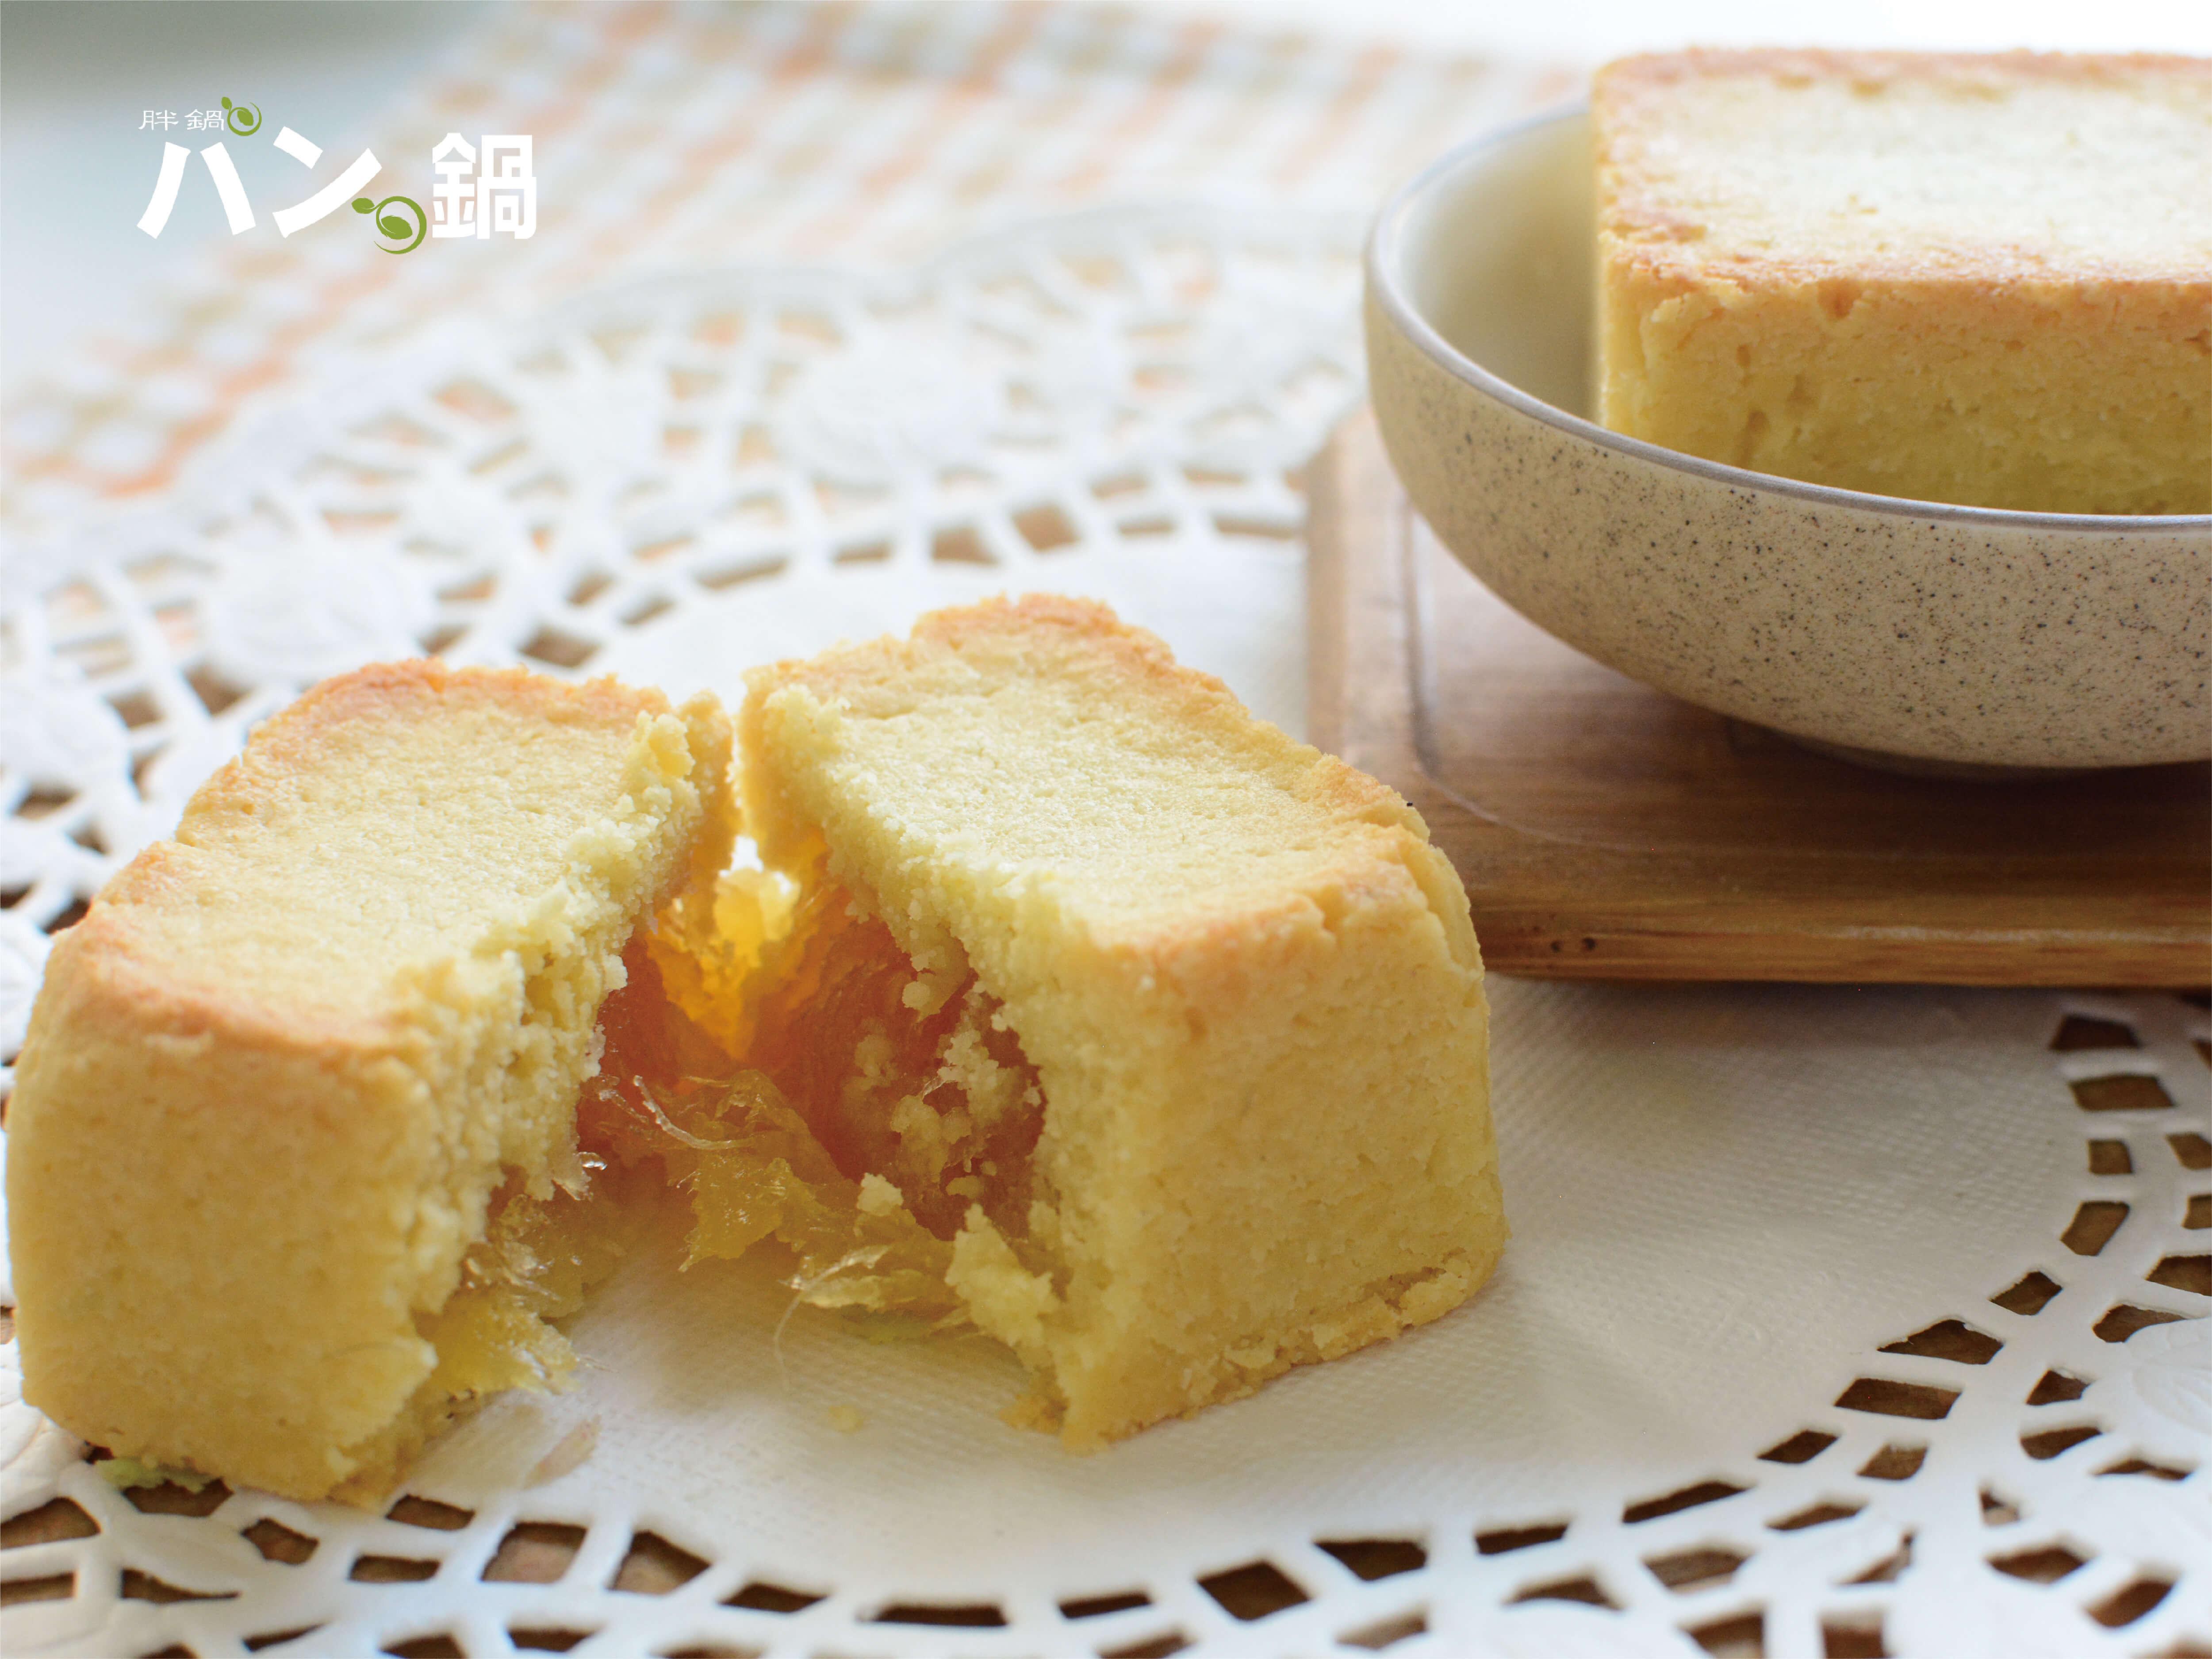 鳳梨酥 - パンの鍋(胖鍋)